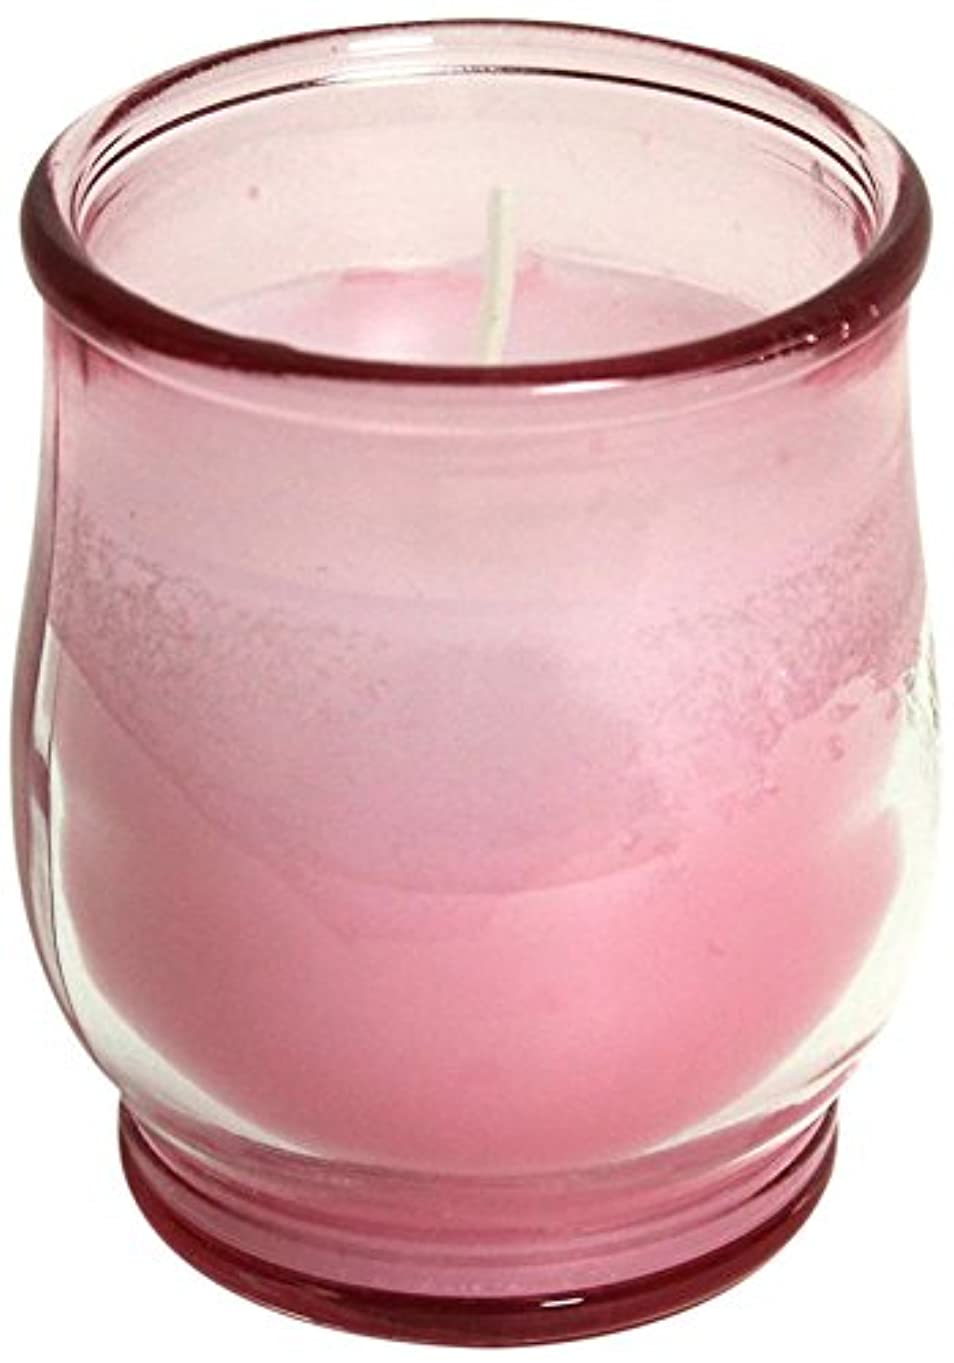 あいまいさ勝利ニコチンポシェ(非常用コップローソク) 「 ピンク(ライトカラー) 」